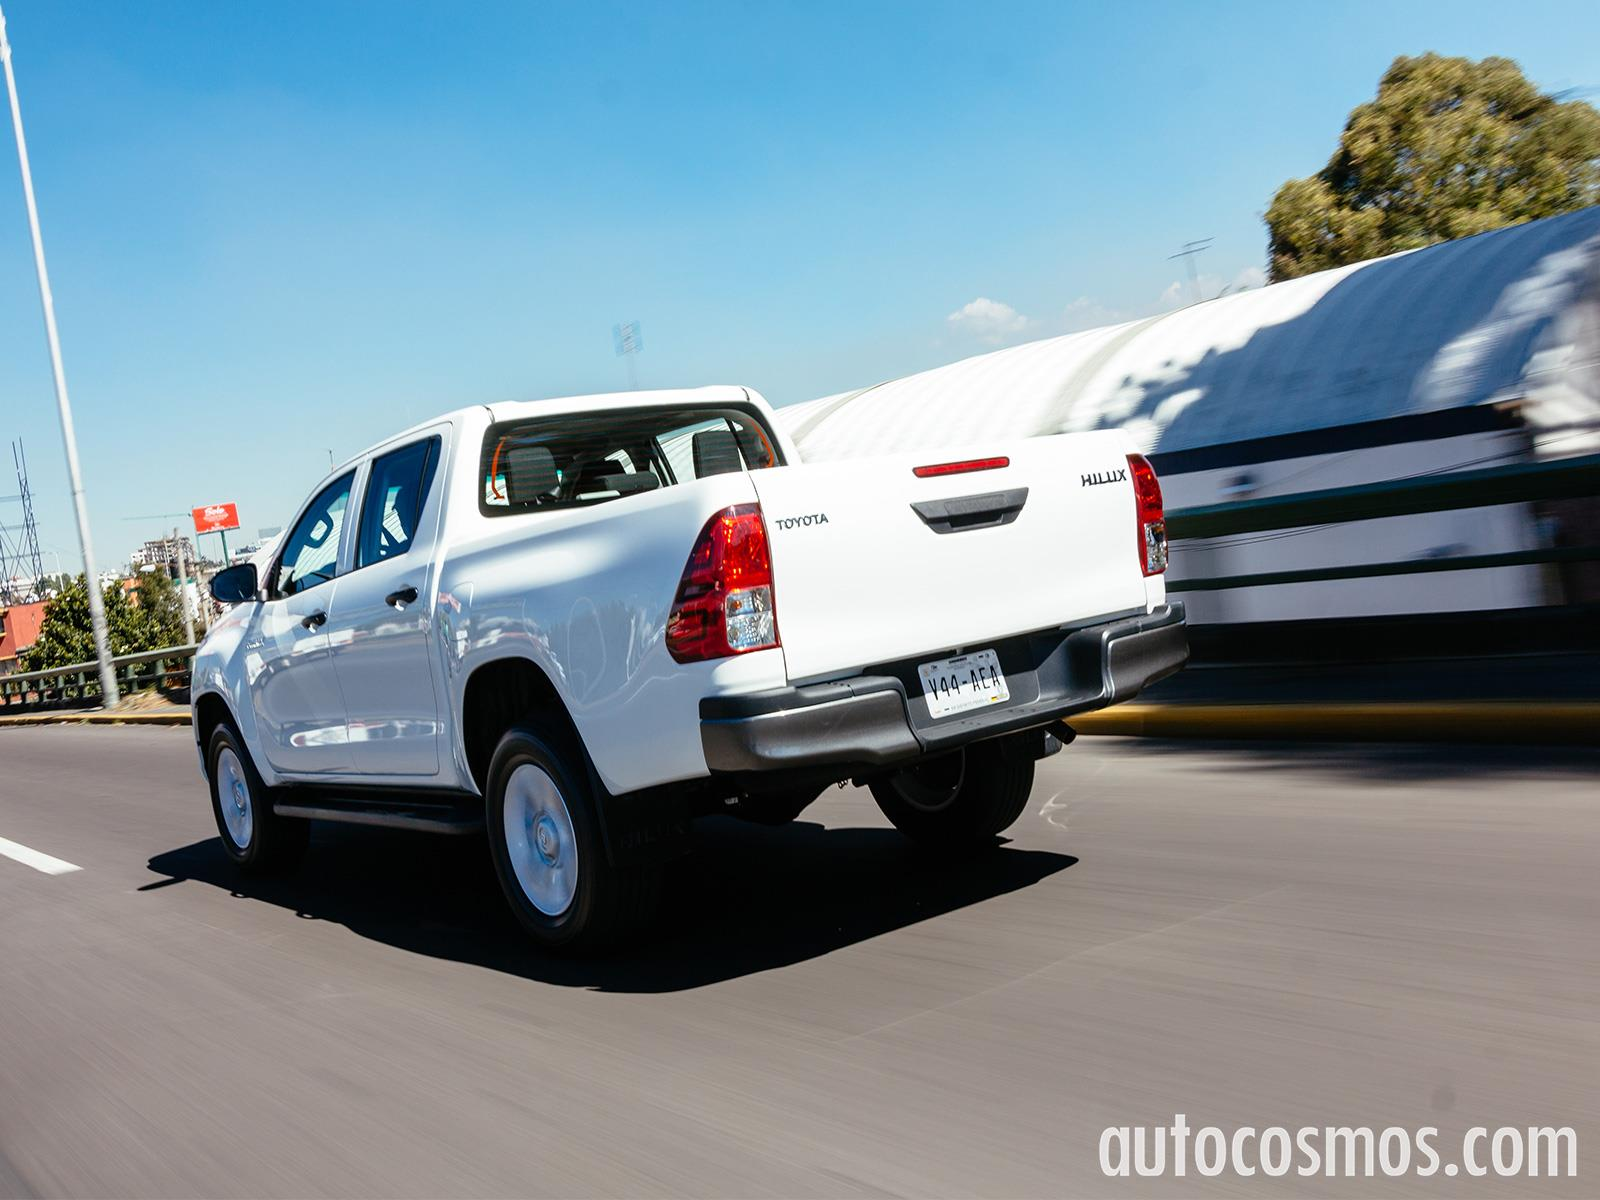 Toyota Hilux 2016 llega a México desde $251,900 pesos - Autocosmos.com